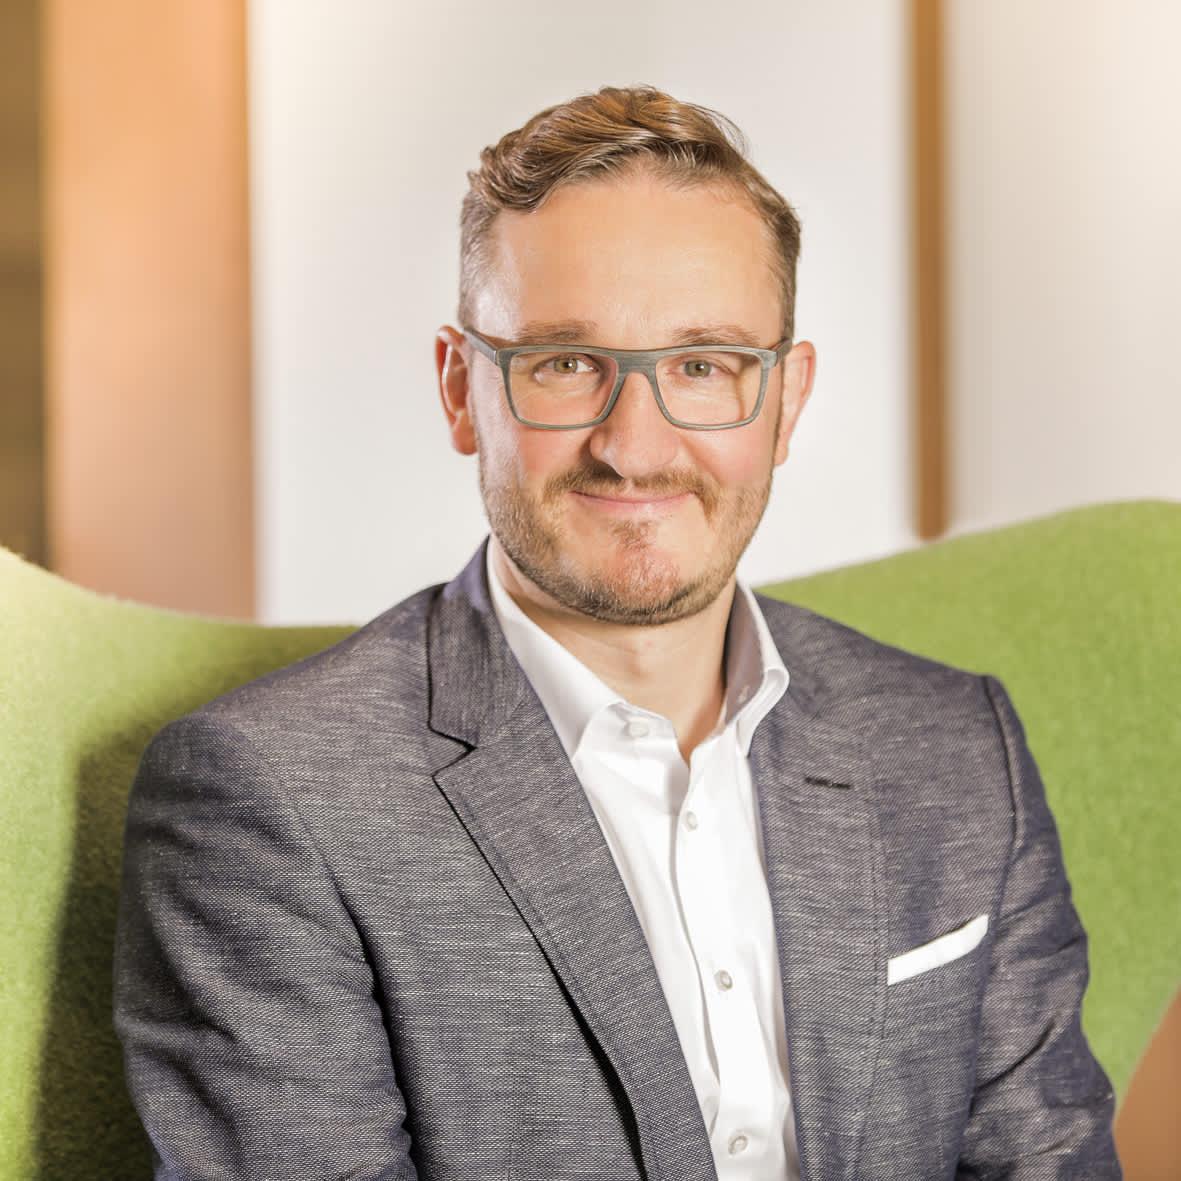 Dipl. Sachverständiger (DIA) Geschäftsführer Immobilien Rienhardt GmbH Ludwigsburg